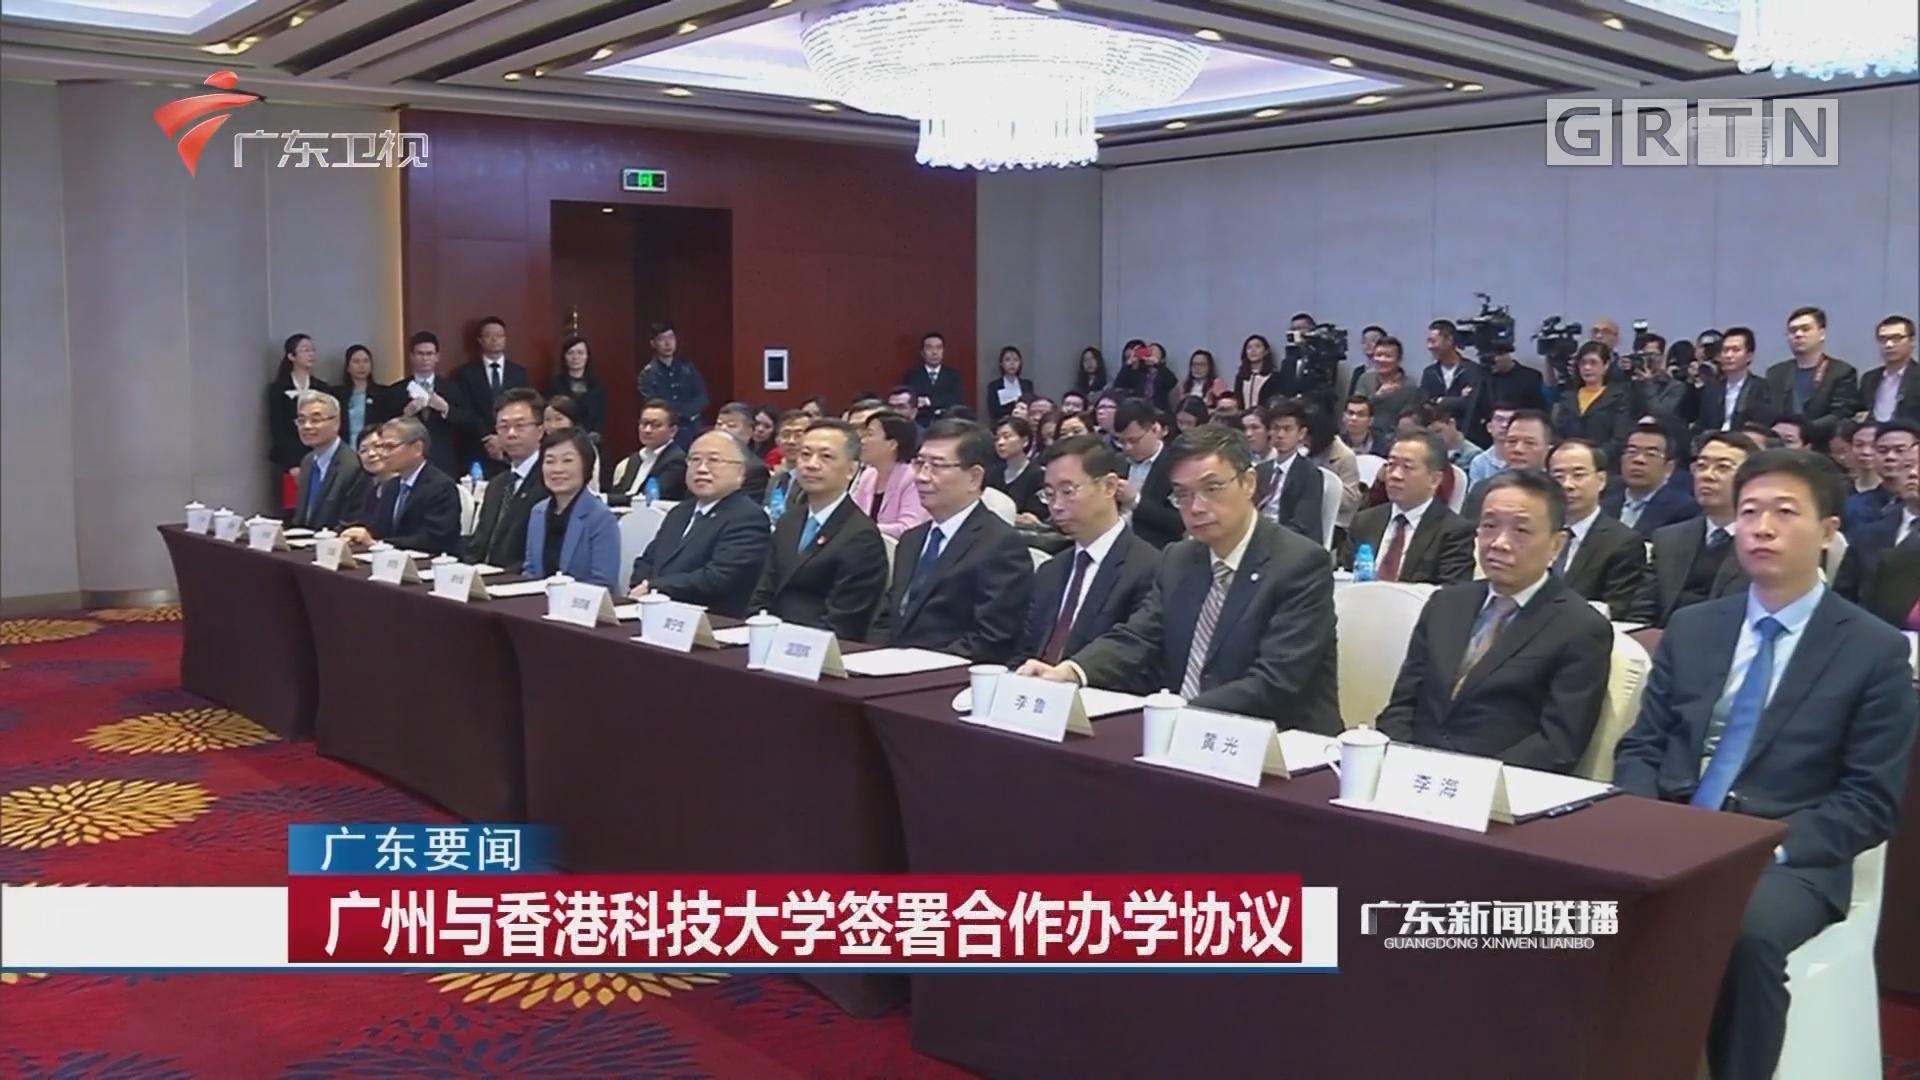 广州与香港科技大学签署合作办学协议